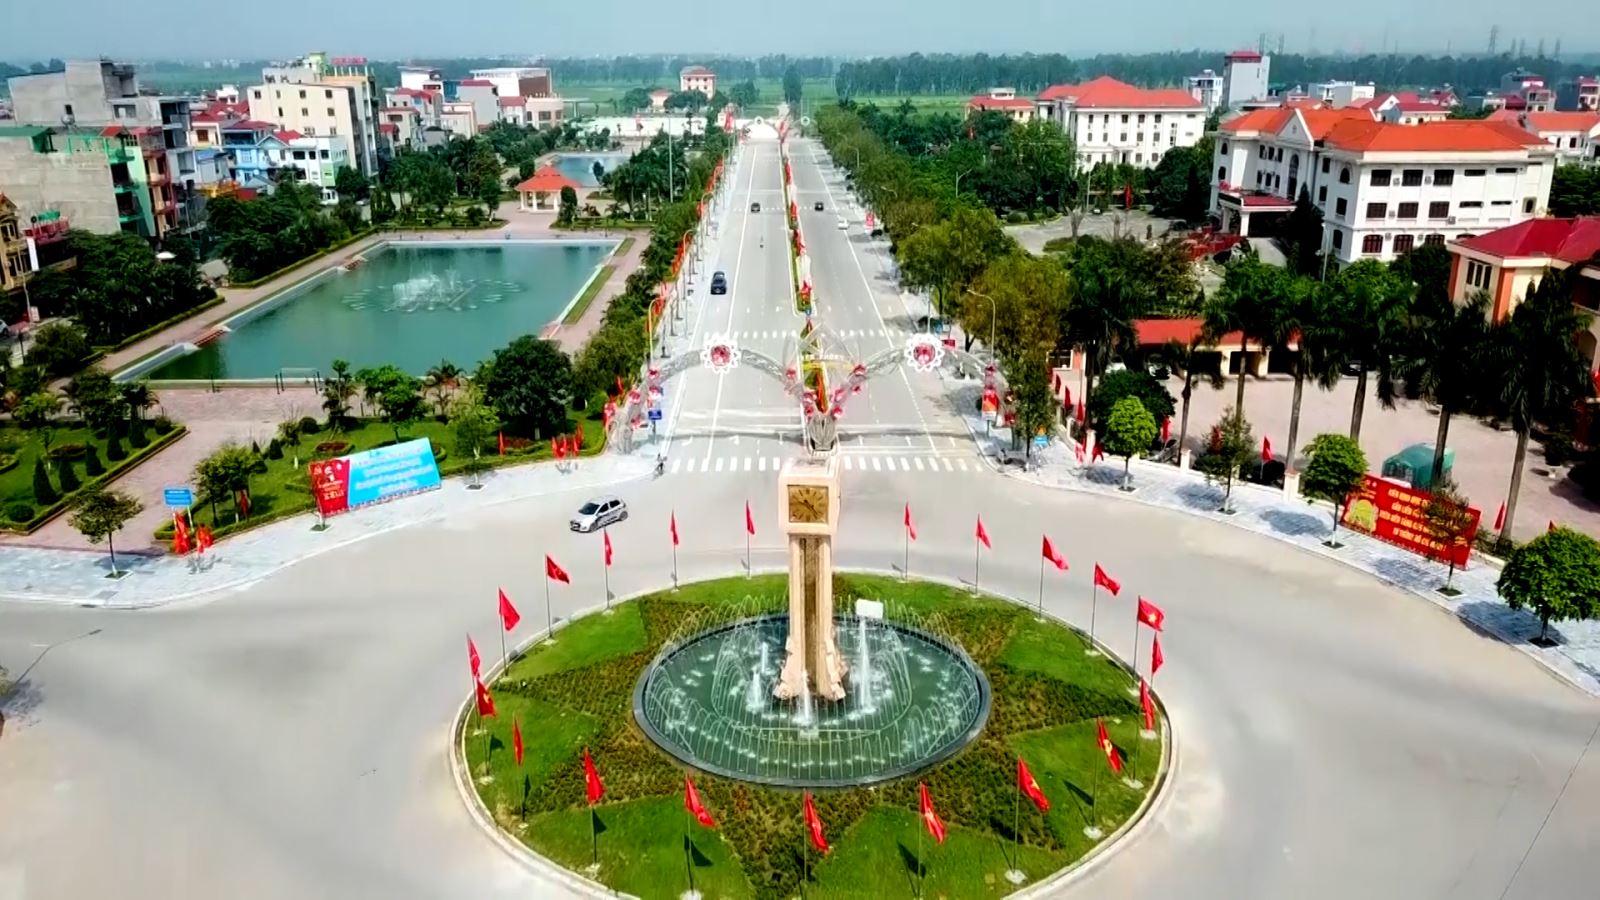 PVcombank đấu giá hai thửa đất tại huyện Yên Phong, tỉnh Bắc Ninh - Ảnh 1.